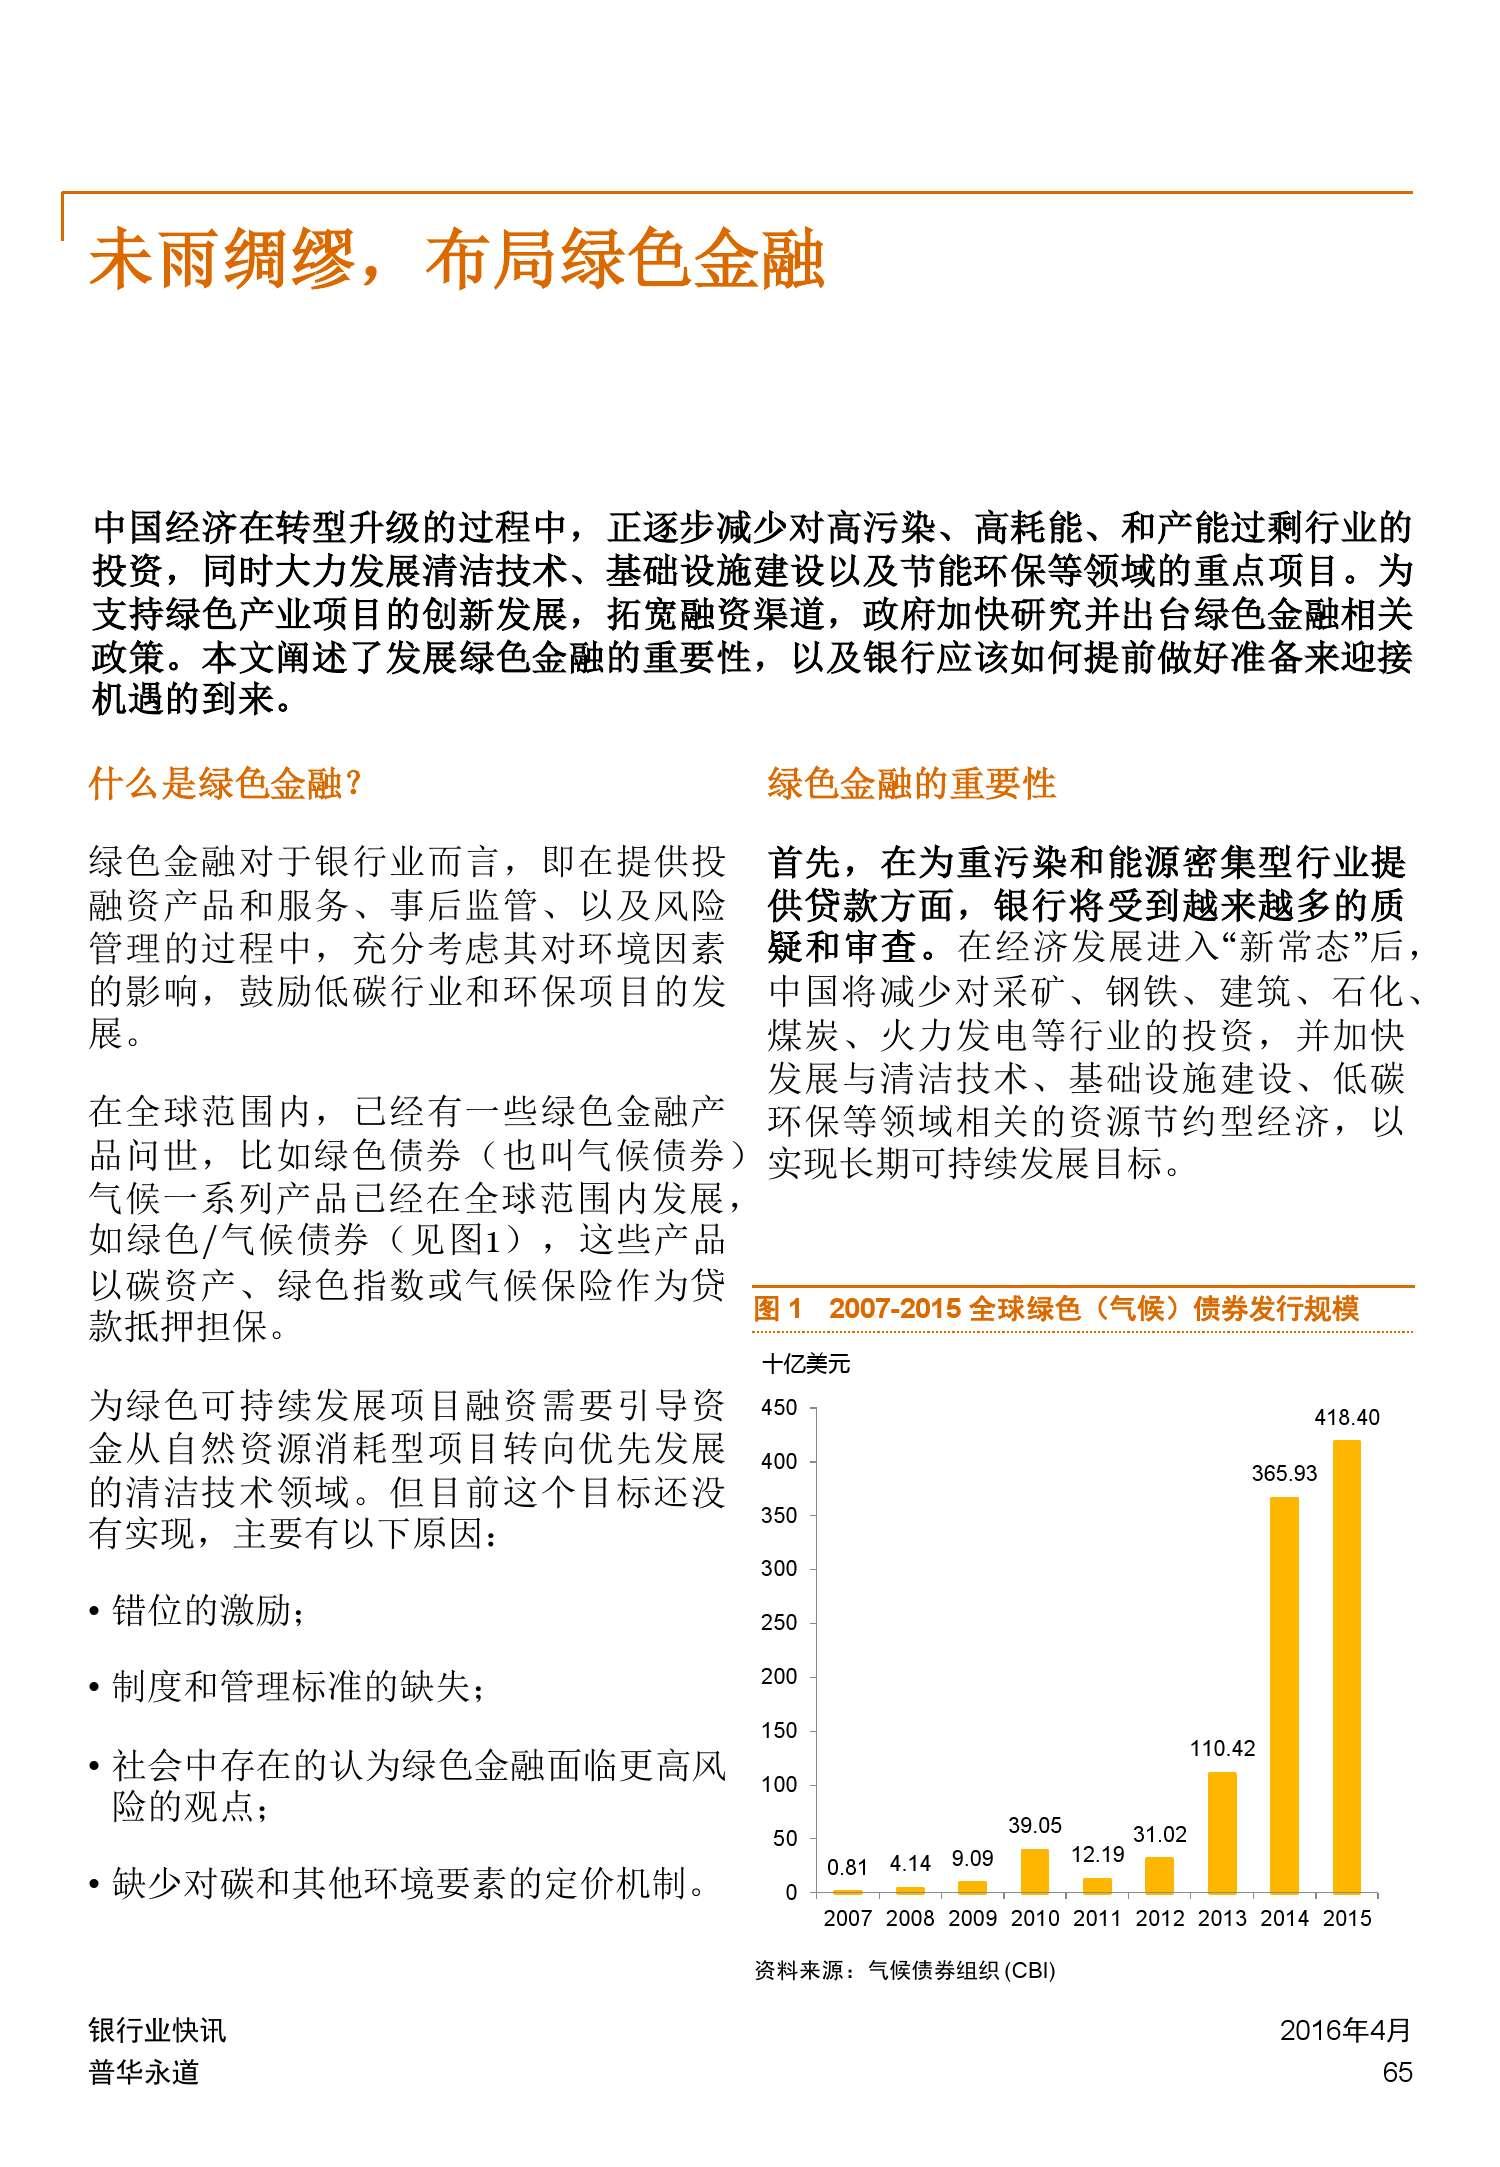 普华永道:2015年中国银行业回顾与展望_000065